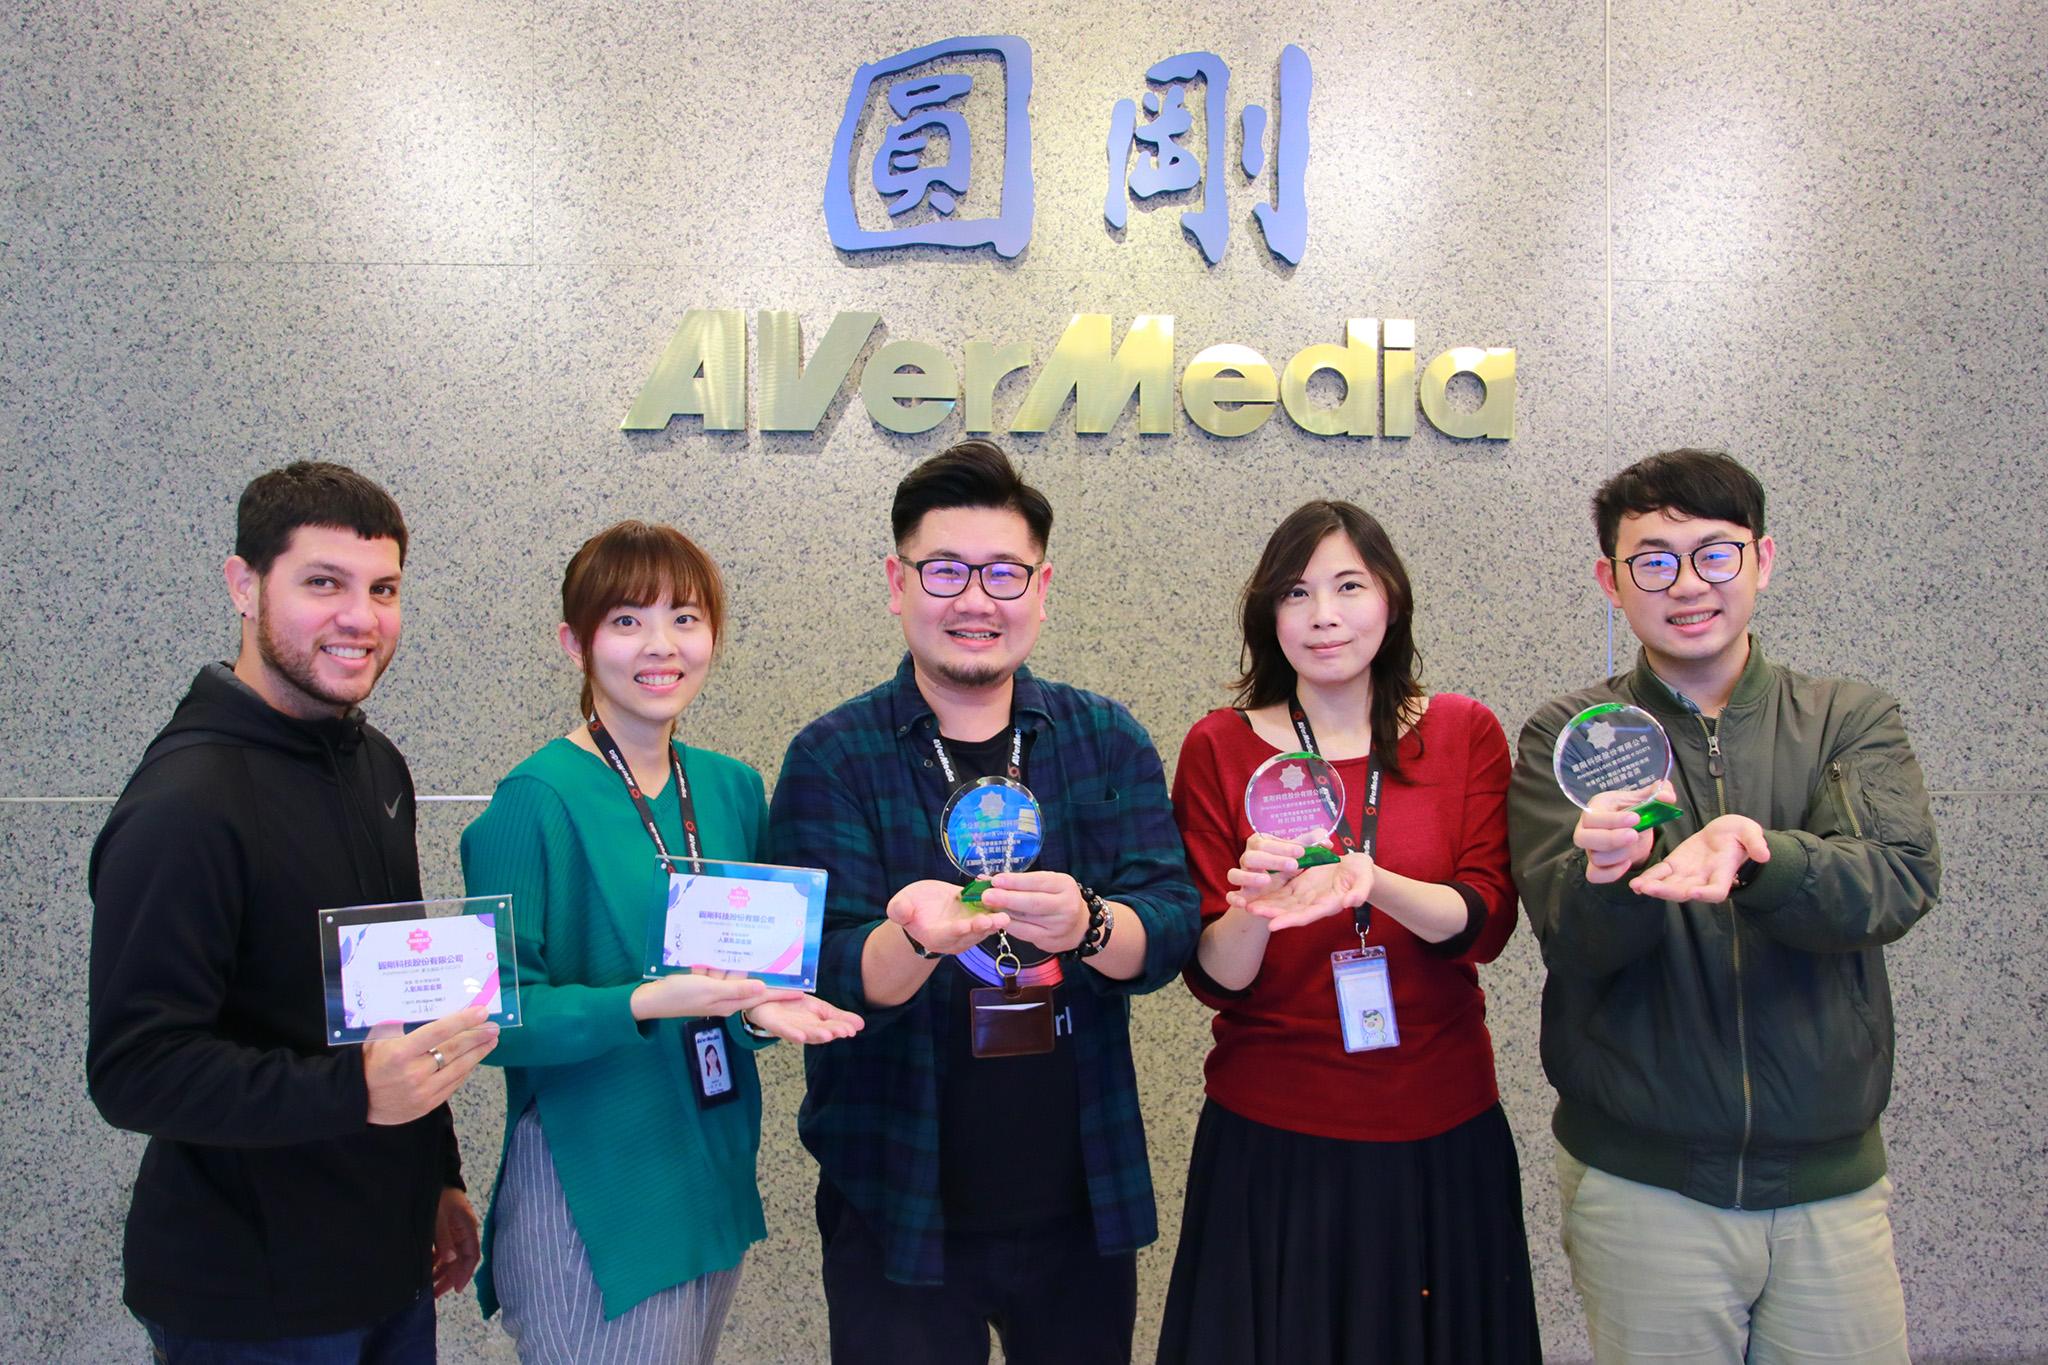 圓剛4K實況擷取卡及YouTuber專用外接式麥克風於科技趨勢金獎榮獲五項大獎